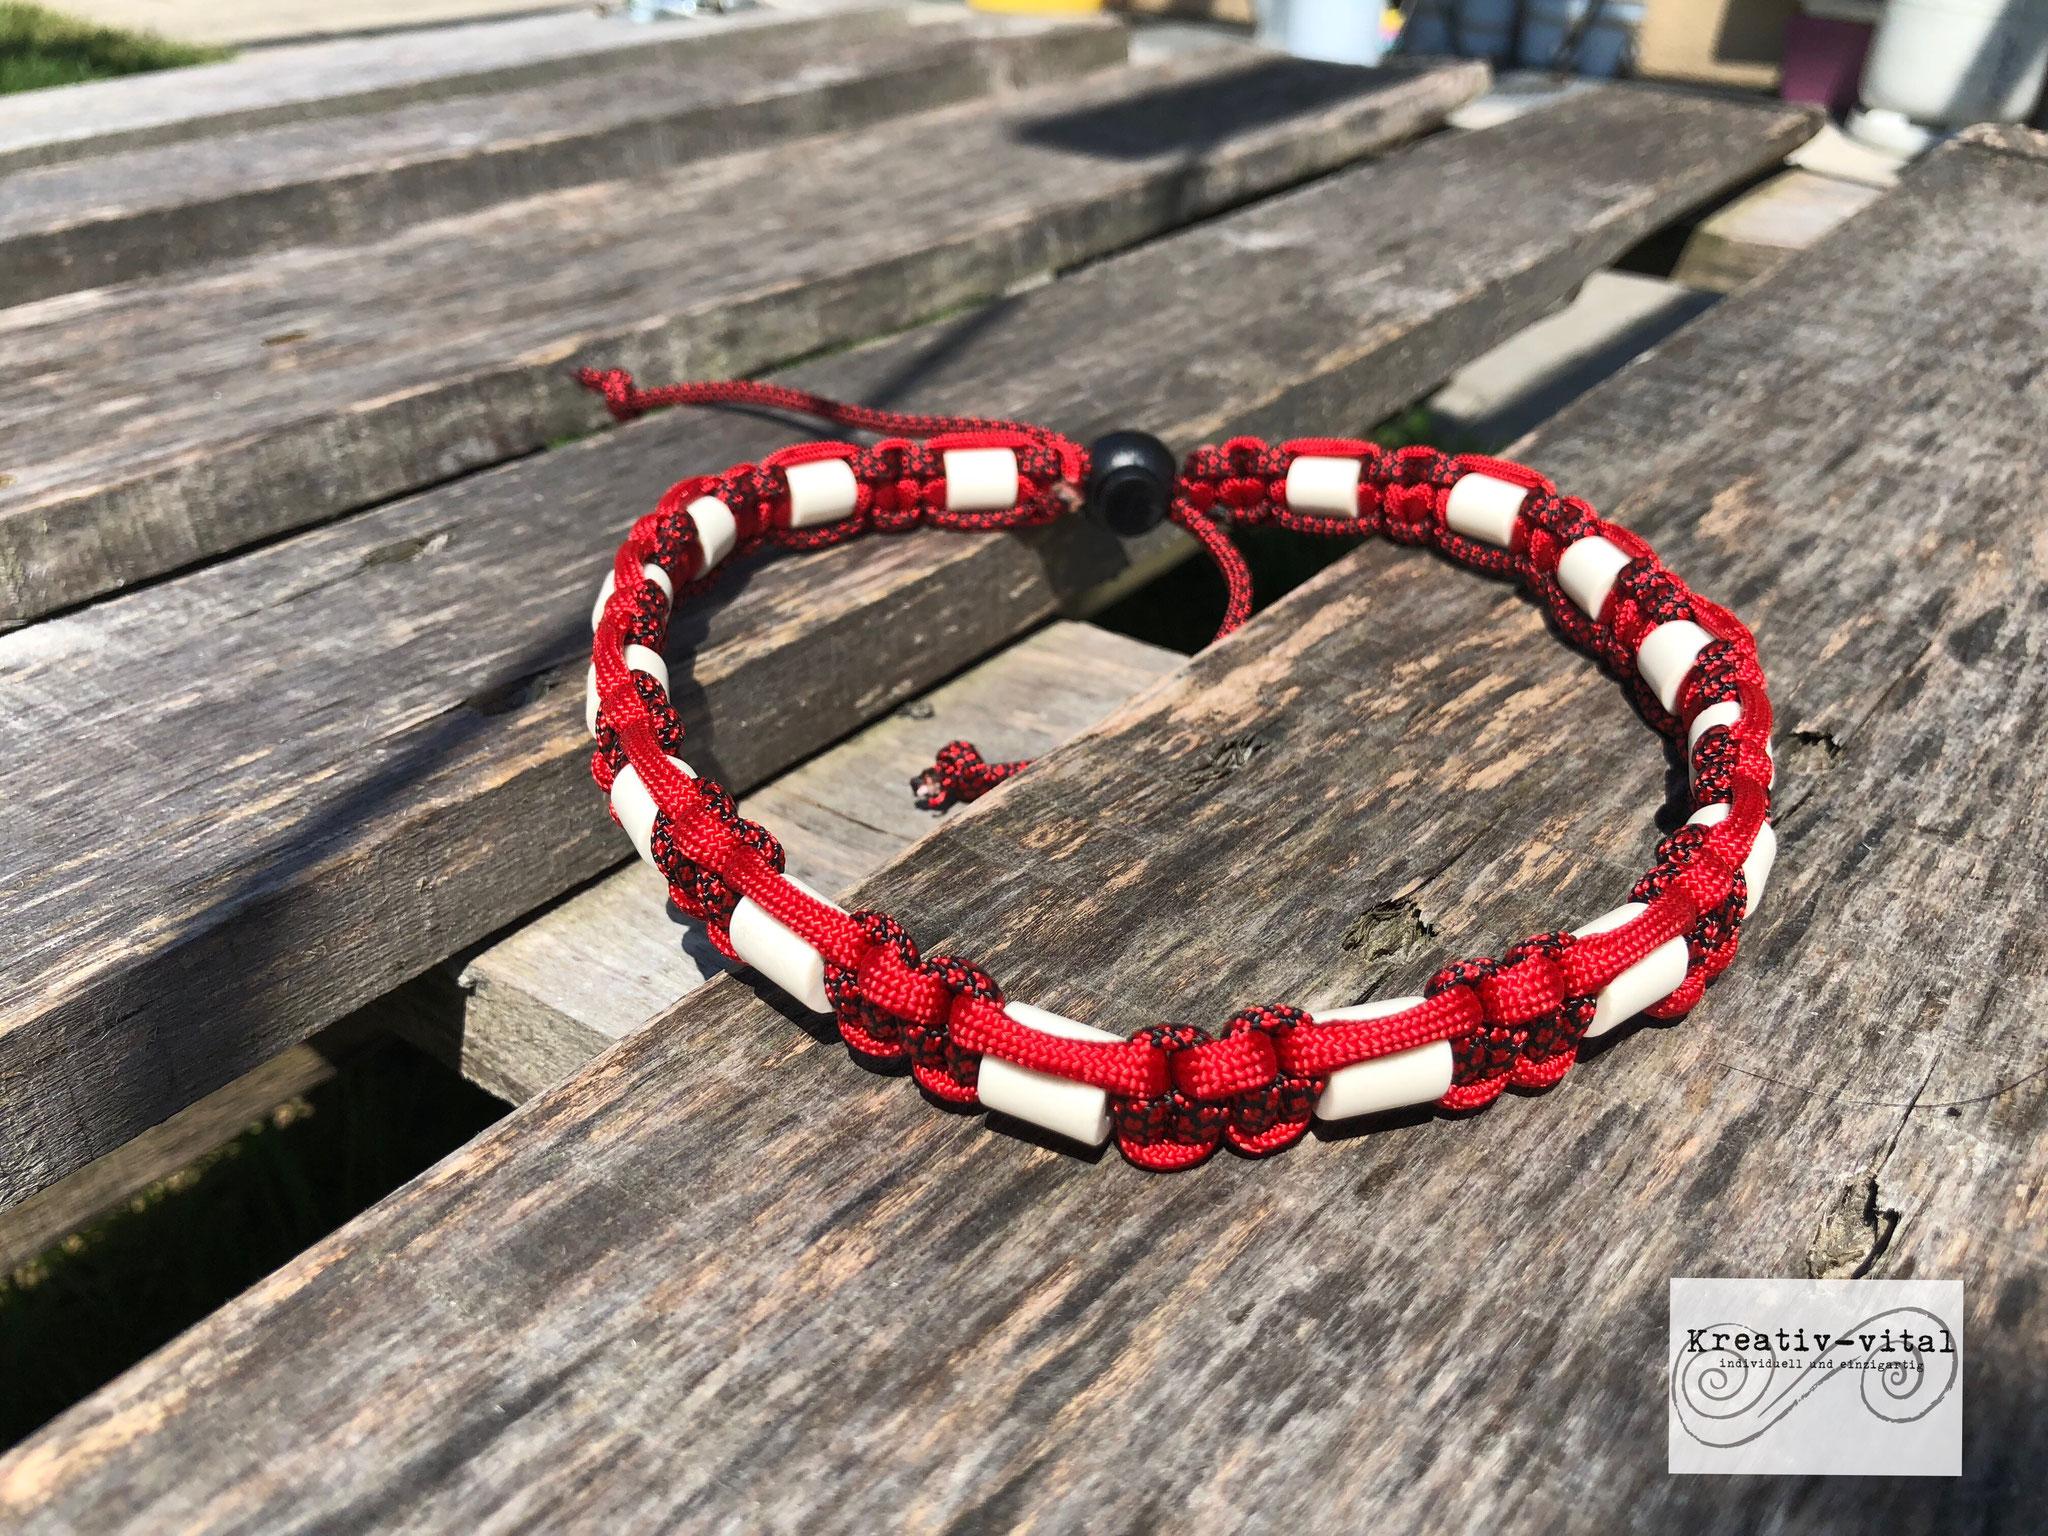 EM Keramik Halsband für Hund/Katze 46-50cm Halsumfang Red/Red-Black